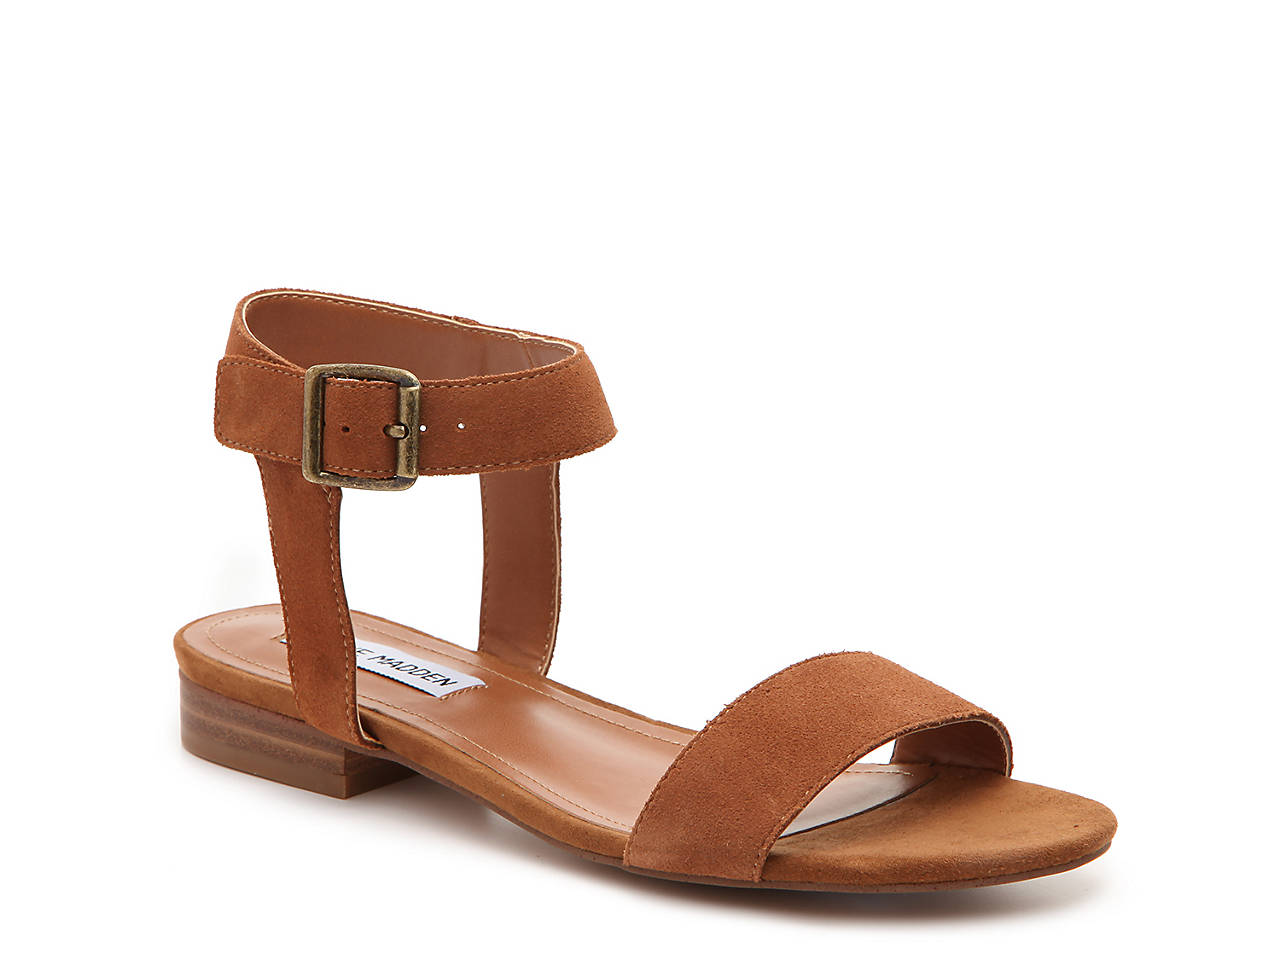 Rusette Flat Sandal